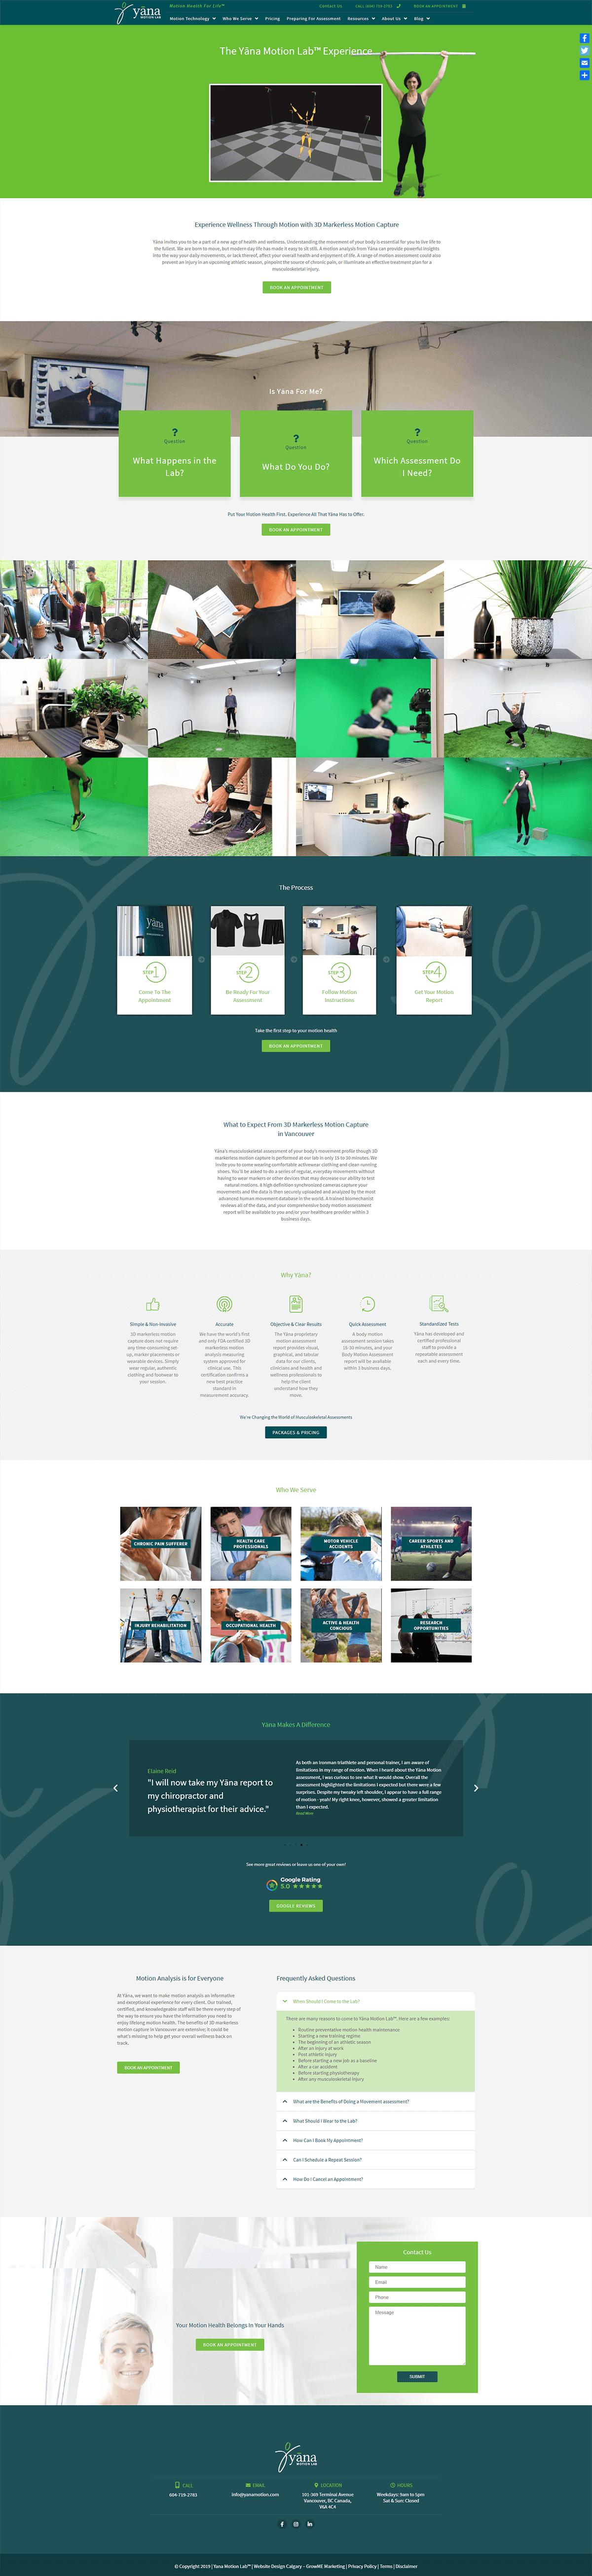 Yana Motion Service Page